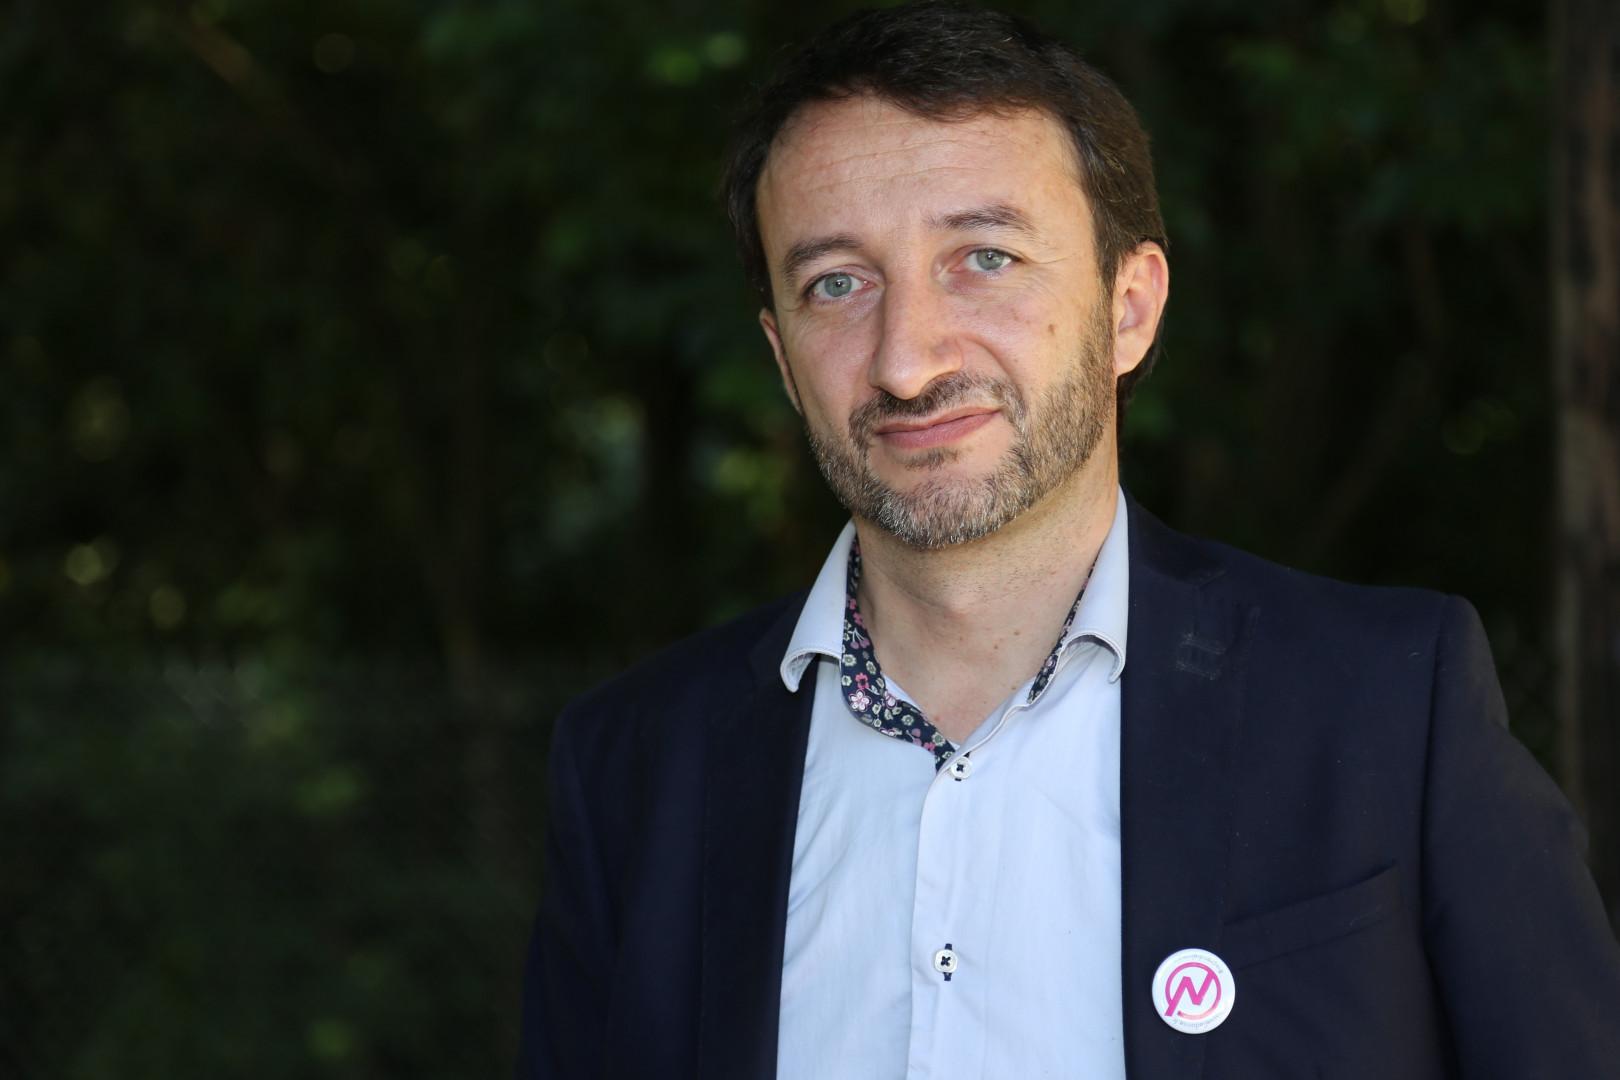 Gilles Fabre, tête de liste Nouvelle Donne pour les élections régionales 2015 en Languedoc-Roussillon-Midi-Pyrénées.